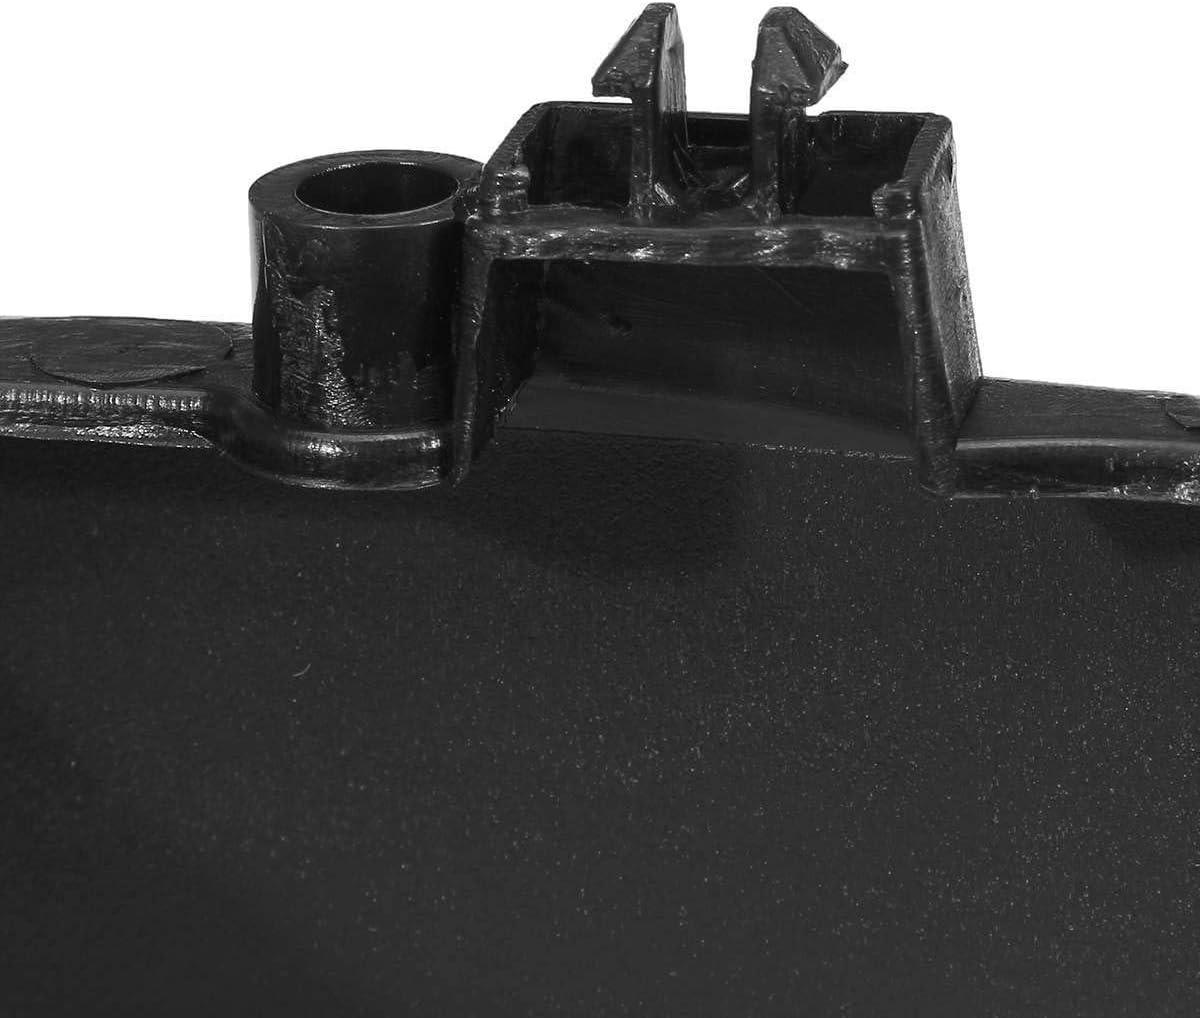 Color : Left Startseite Seitenr/ückspiegel Geh/äuse Rahmen-Fl/ügel-Spiegel-Abdeckung Trim for Passat B7 CC for Jetta MK6 for Beetle for EOS for Scirocco